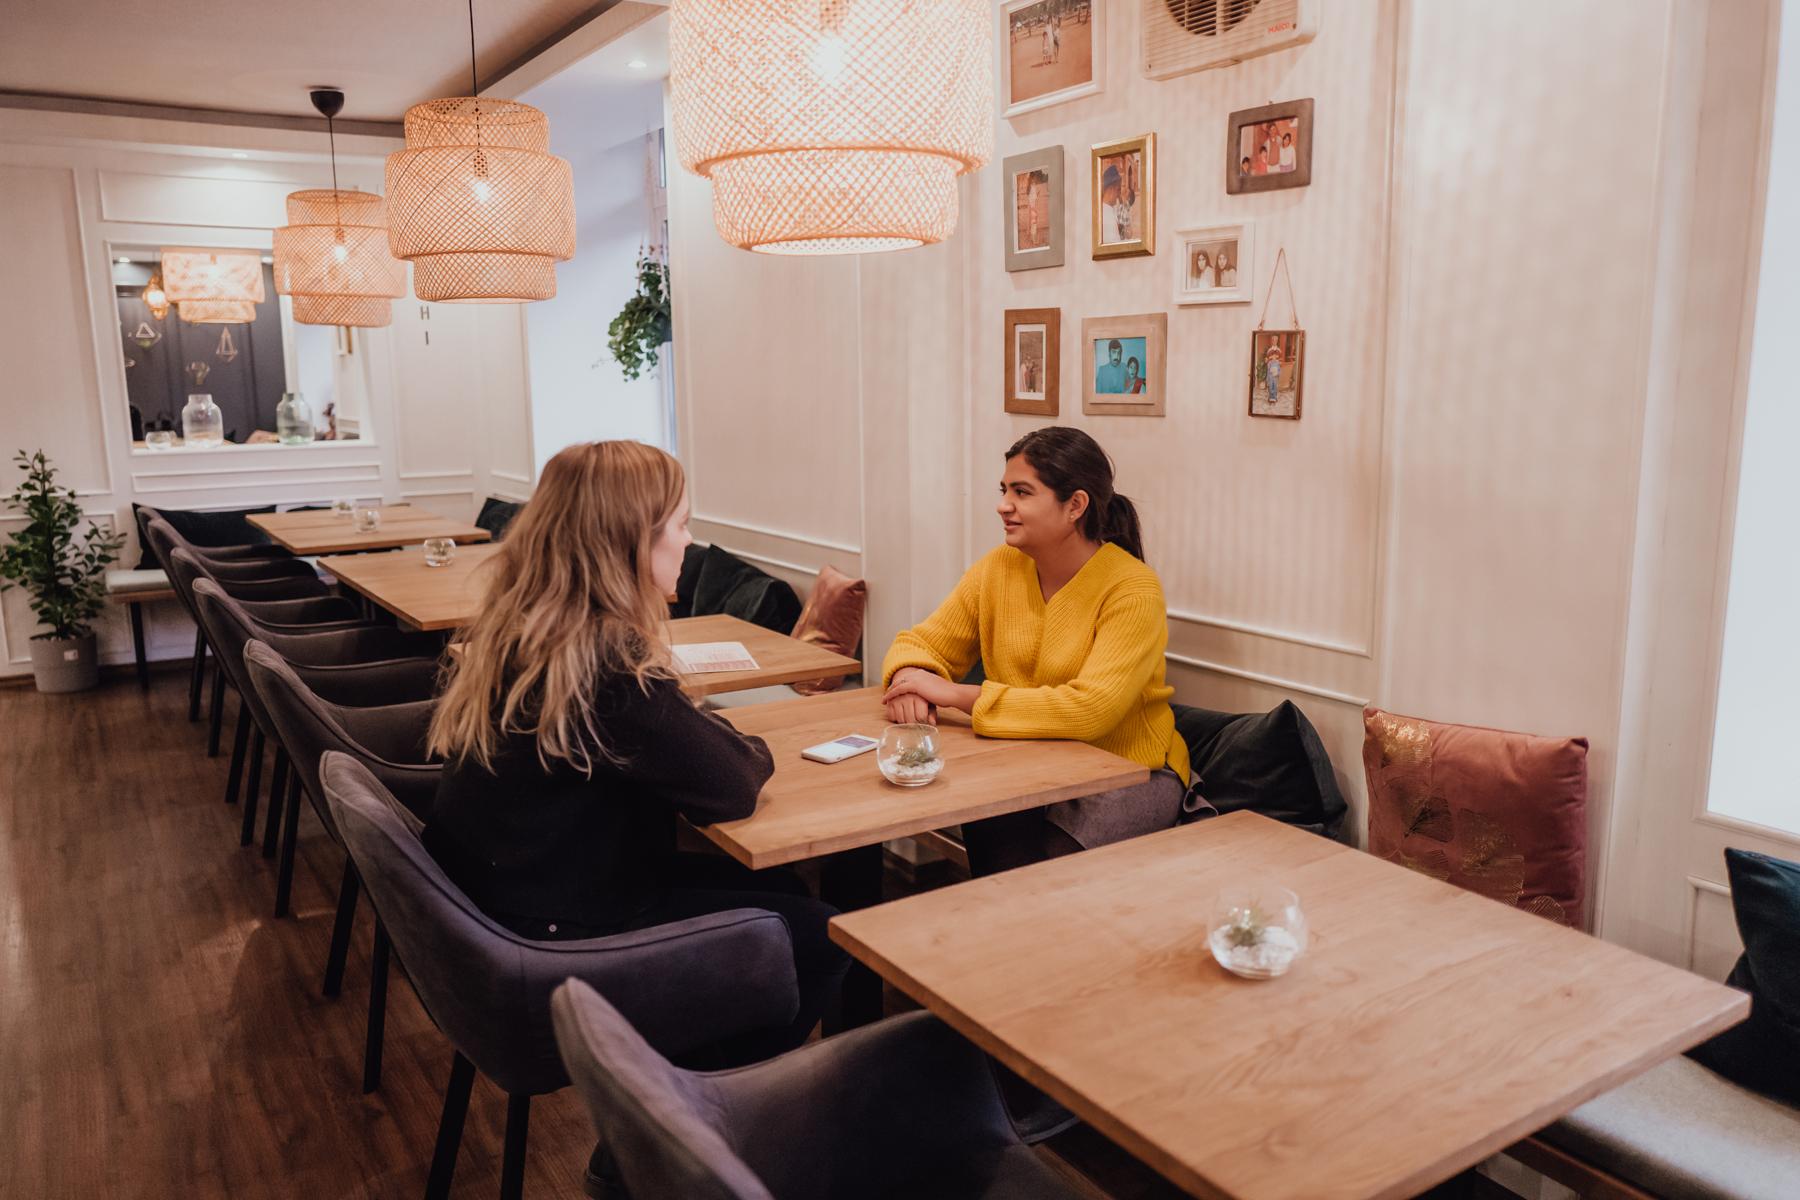 Indisches Restaurant AuthenTikka Inneneinrichtung